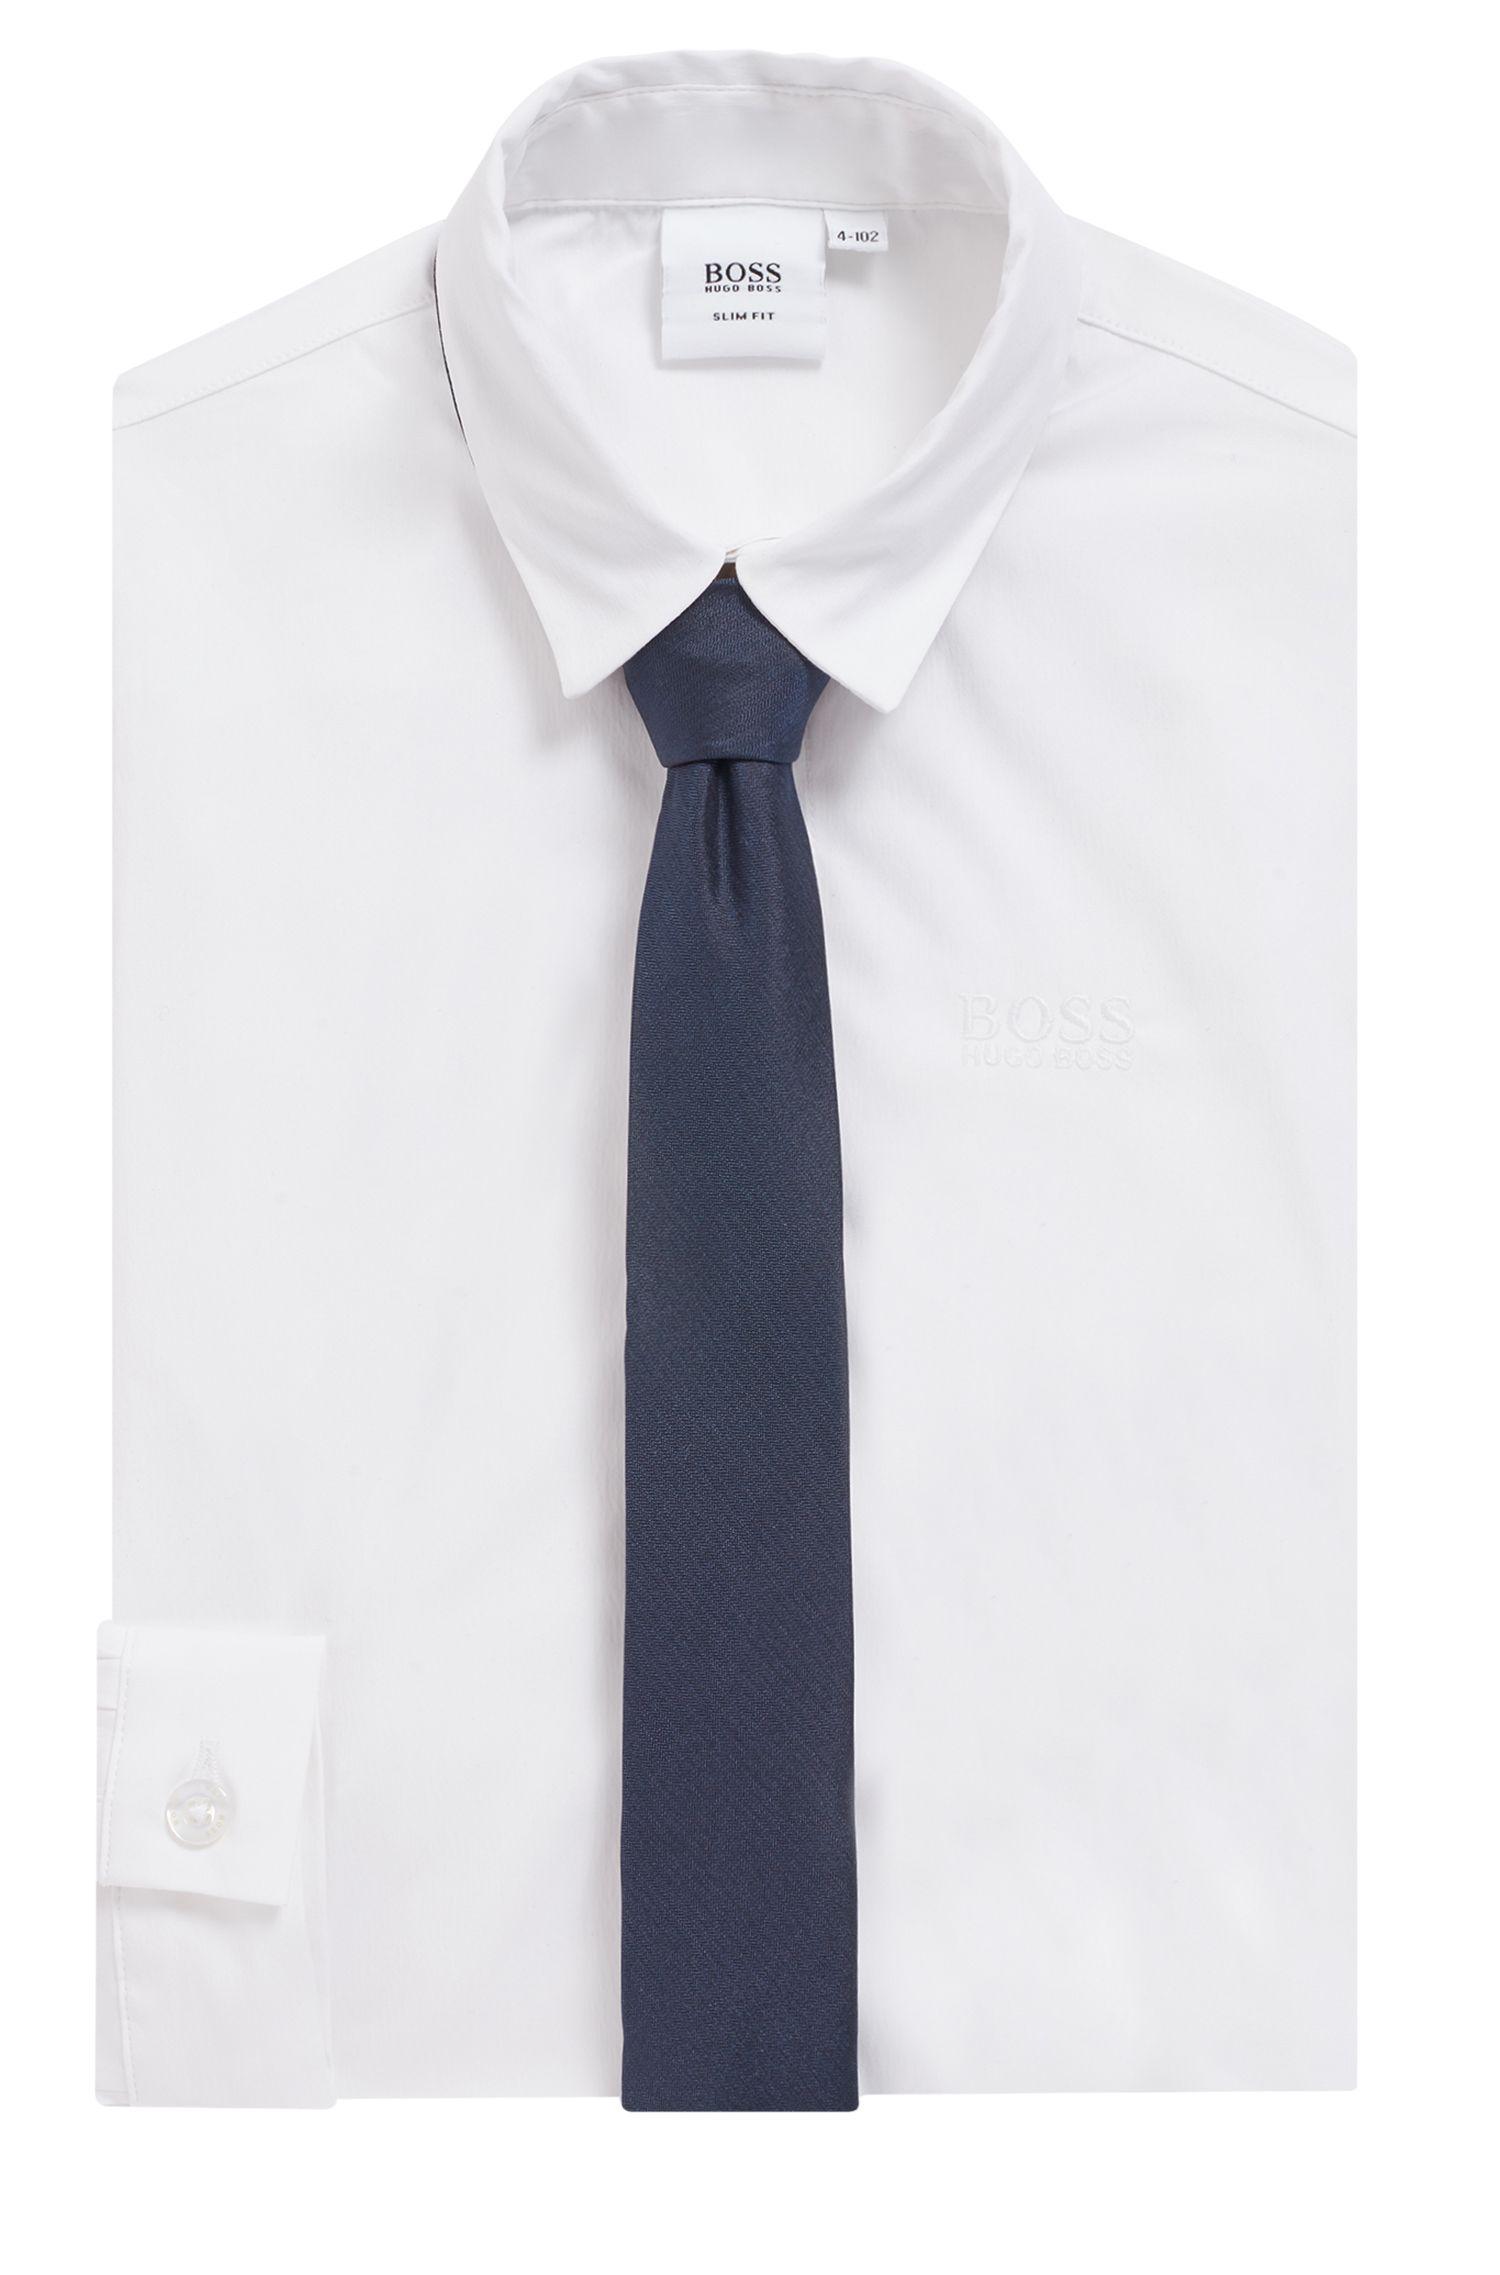 Cravate pour enfant en pure soie avec sac de protection, Bleu foncé